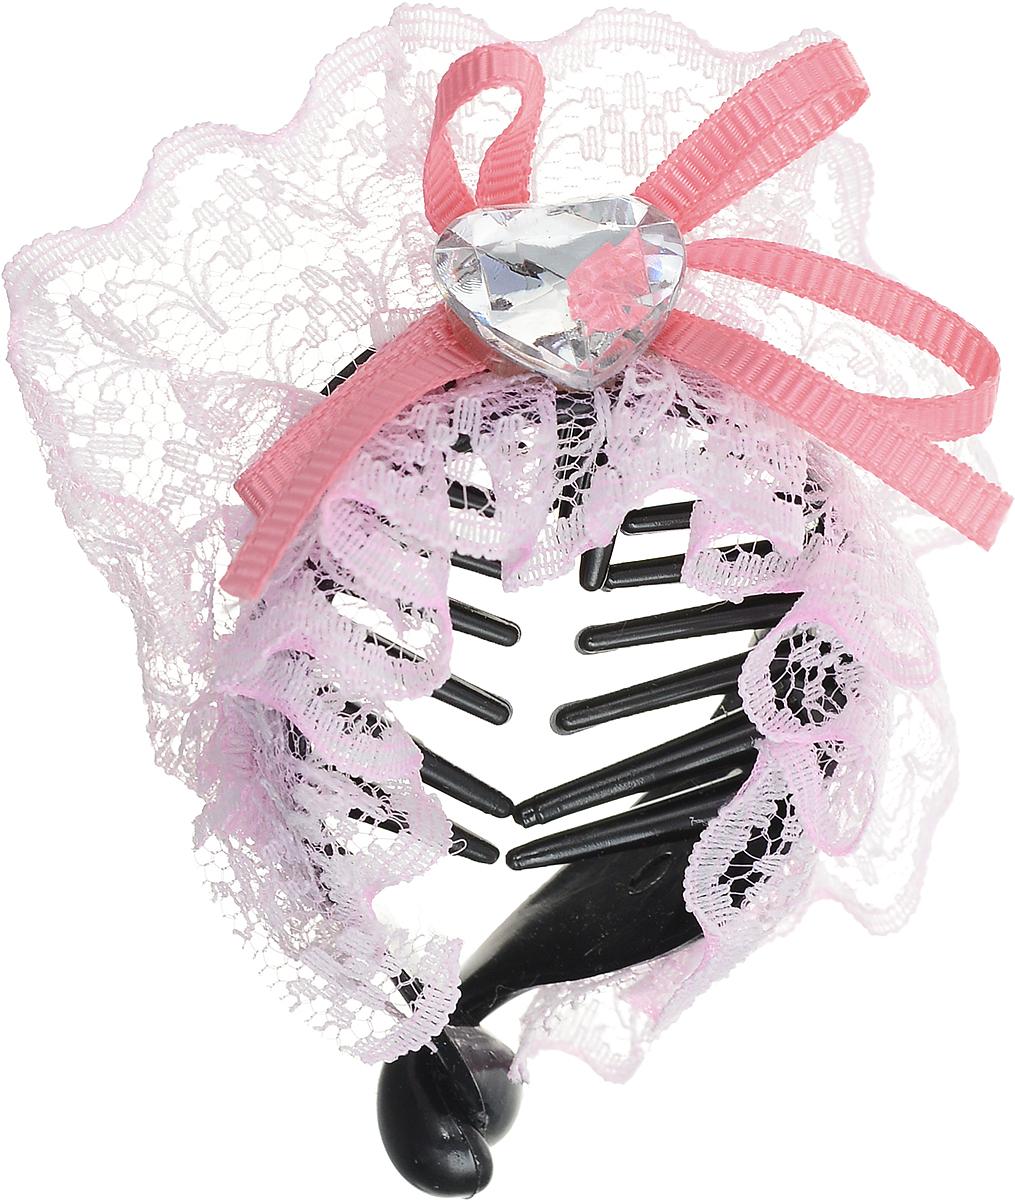 Зажим для волос Mitya Veselkov, цвет: черный, розовый. 1058-WHITE-DAM1058-WHITE-DAMСтильный зажим для волос Mitya Veselkov изготовлен из пластика, декорирован кружевной лентой и стразом в виде сердца.